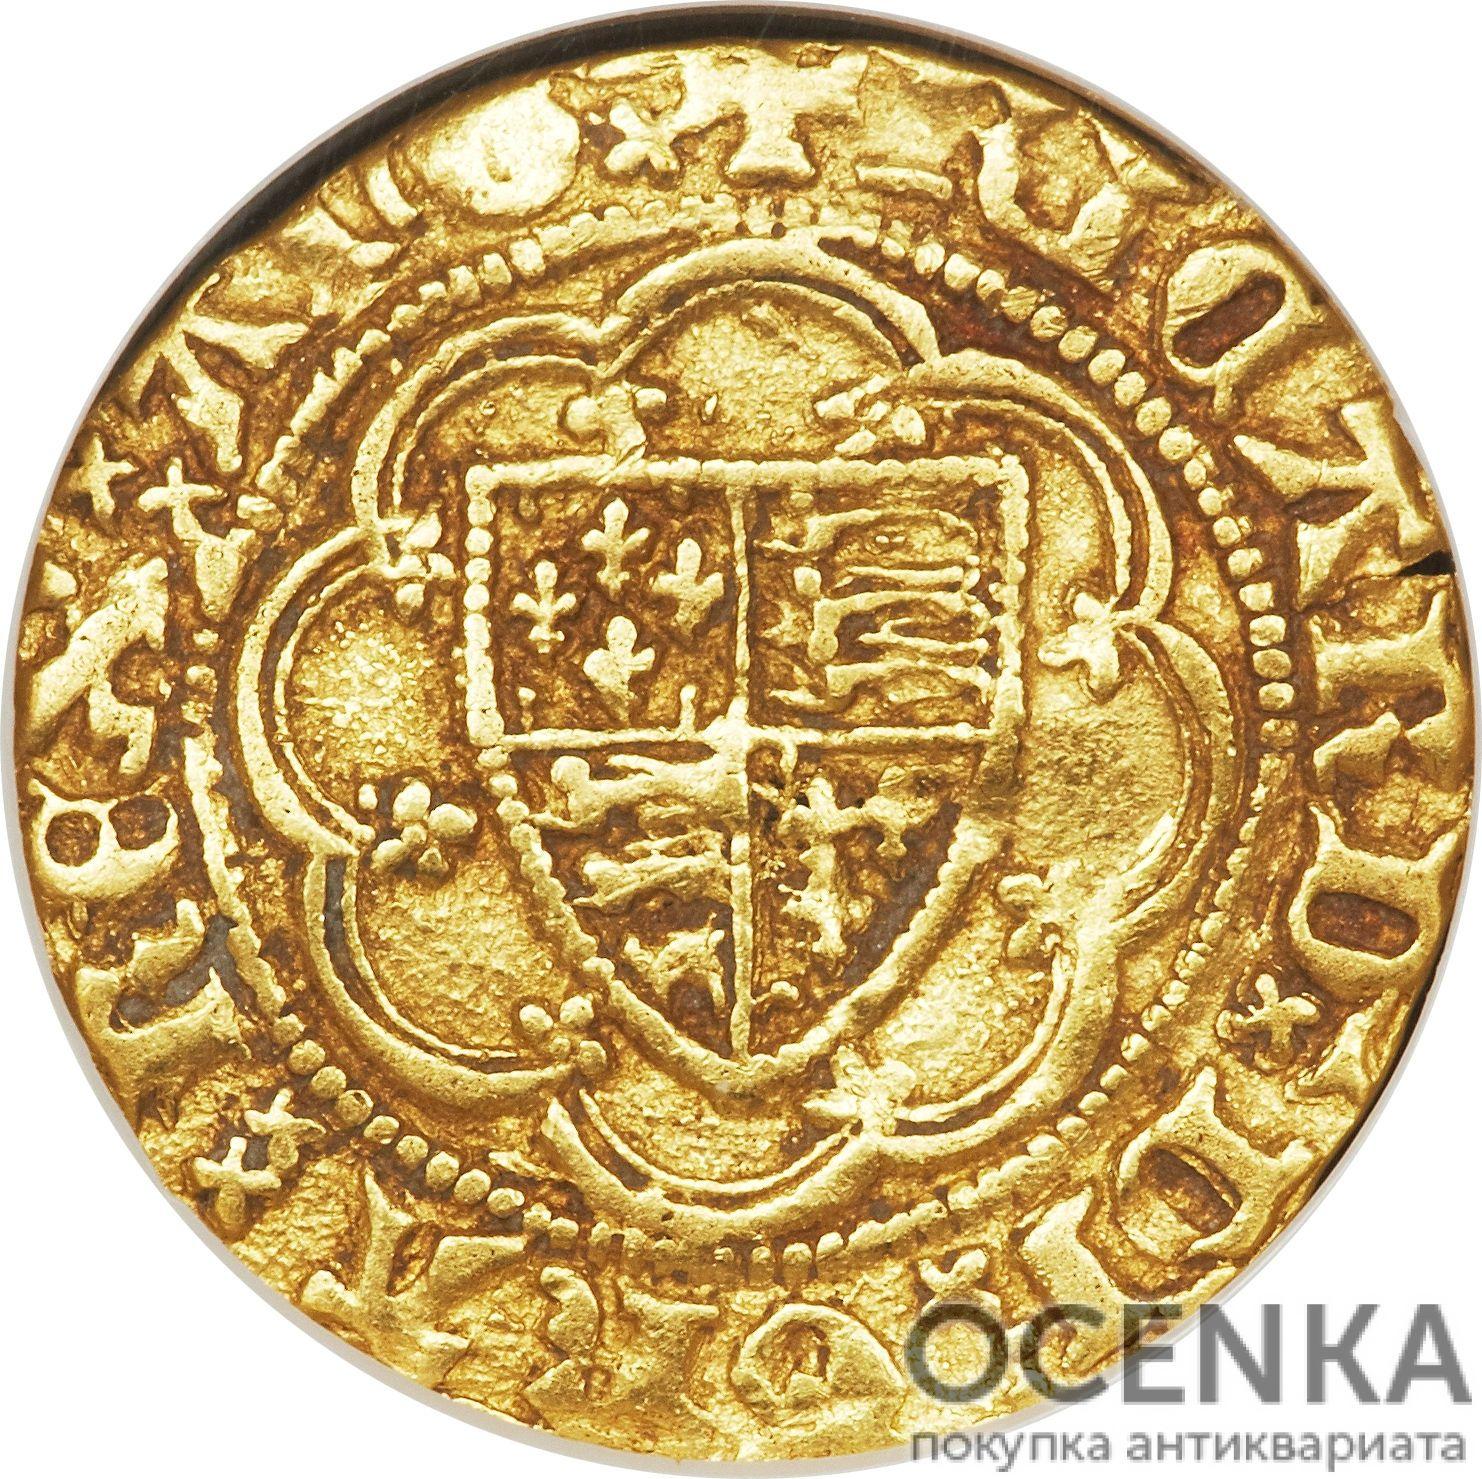 Золотая монета ¼ Noble (1/4 нобля) Великобритания - 3